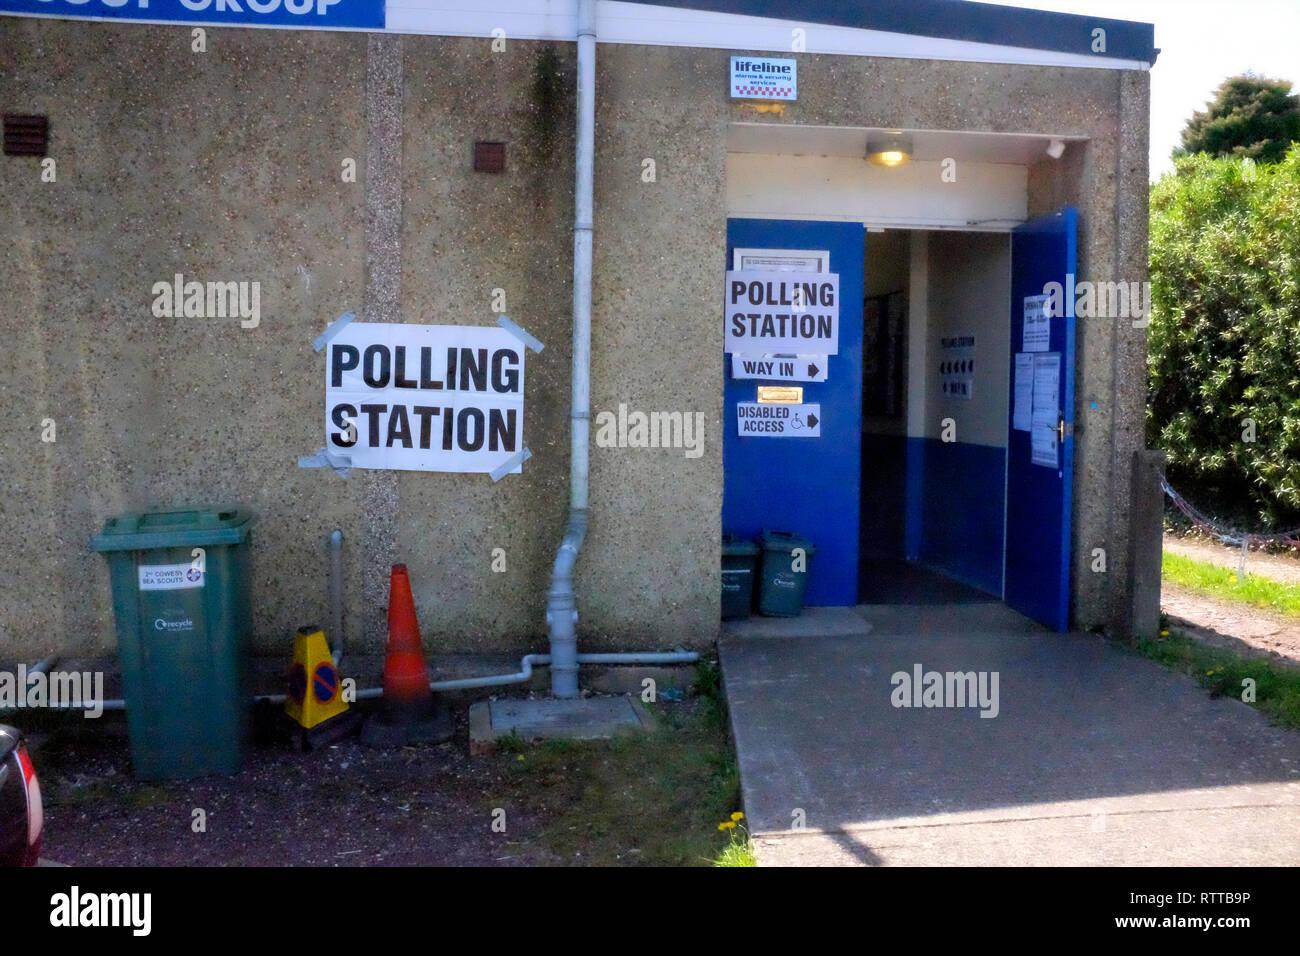 Cabane du scoutisme, bureau de vote, privé, salon, la pauvreté, les pauvres, circonscription, vote, parti, politique, Booth, papier, Photo Stock